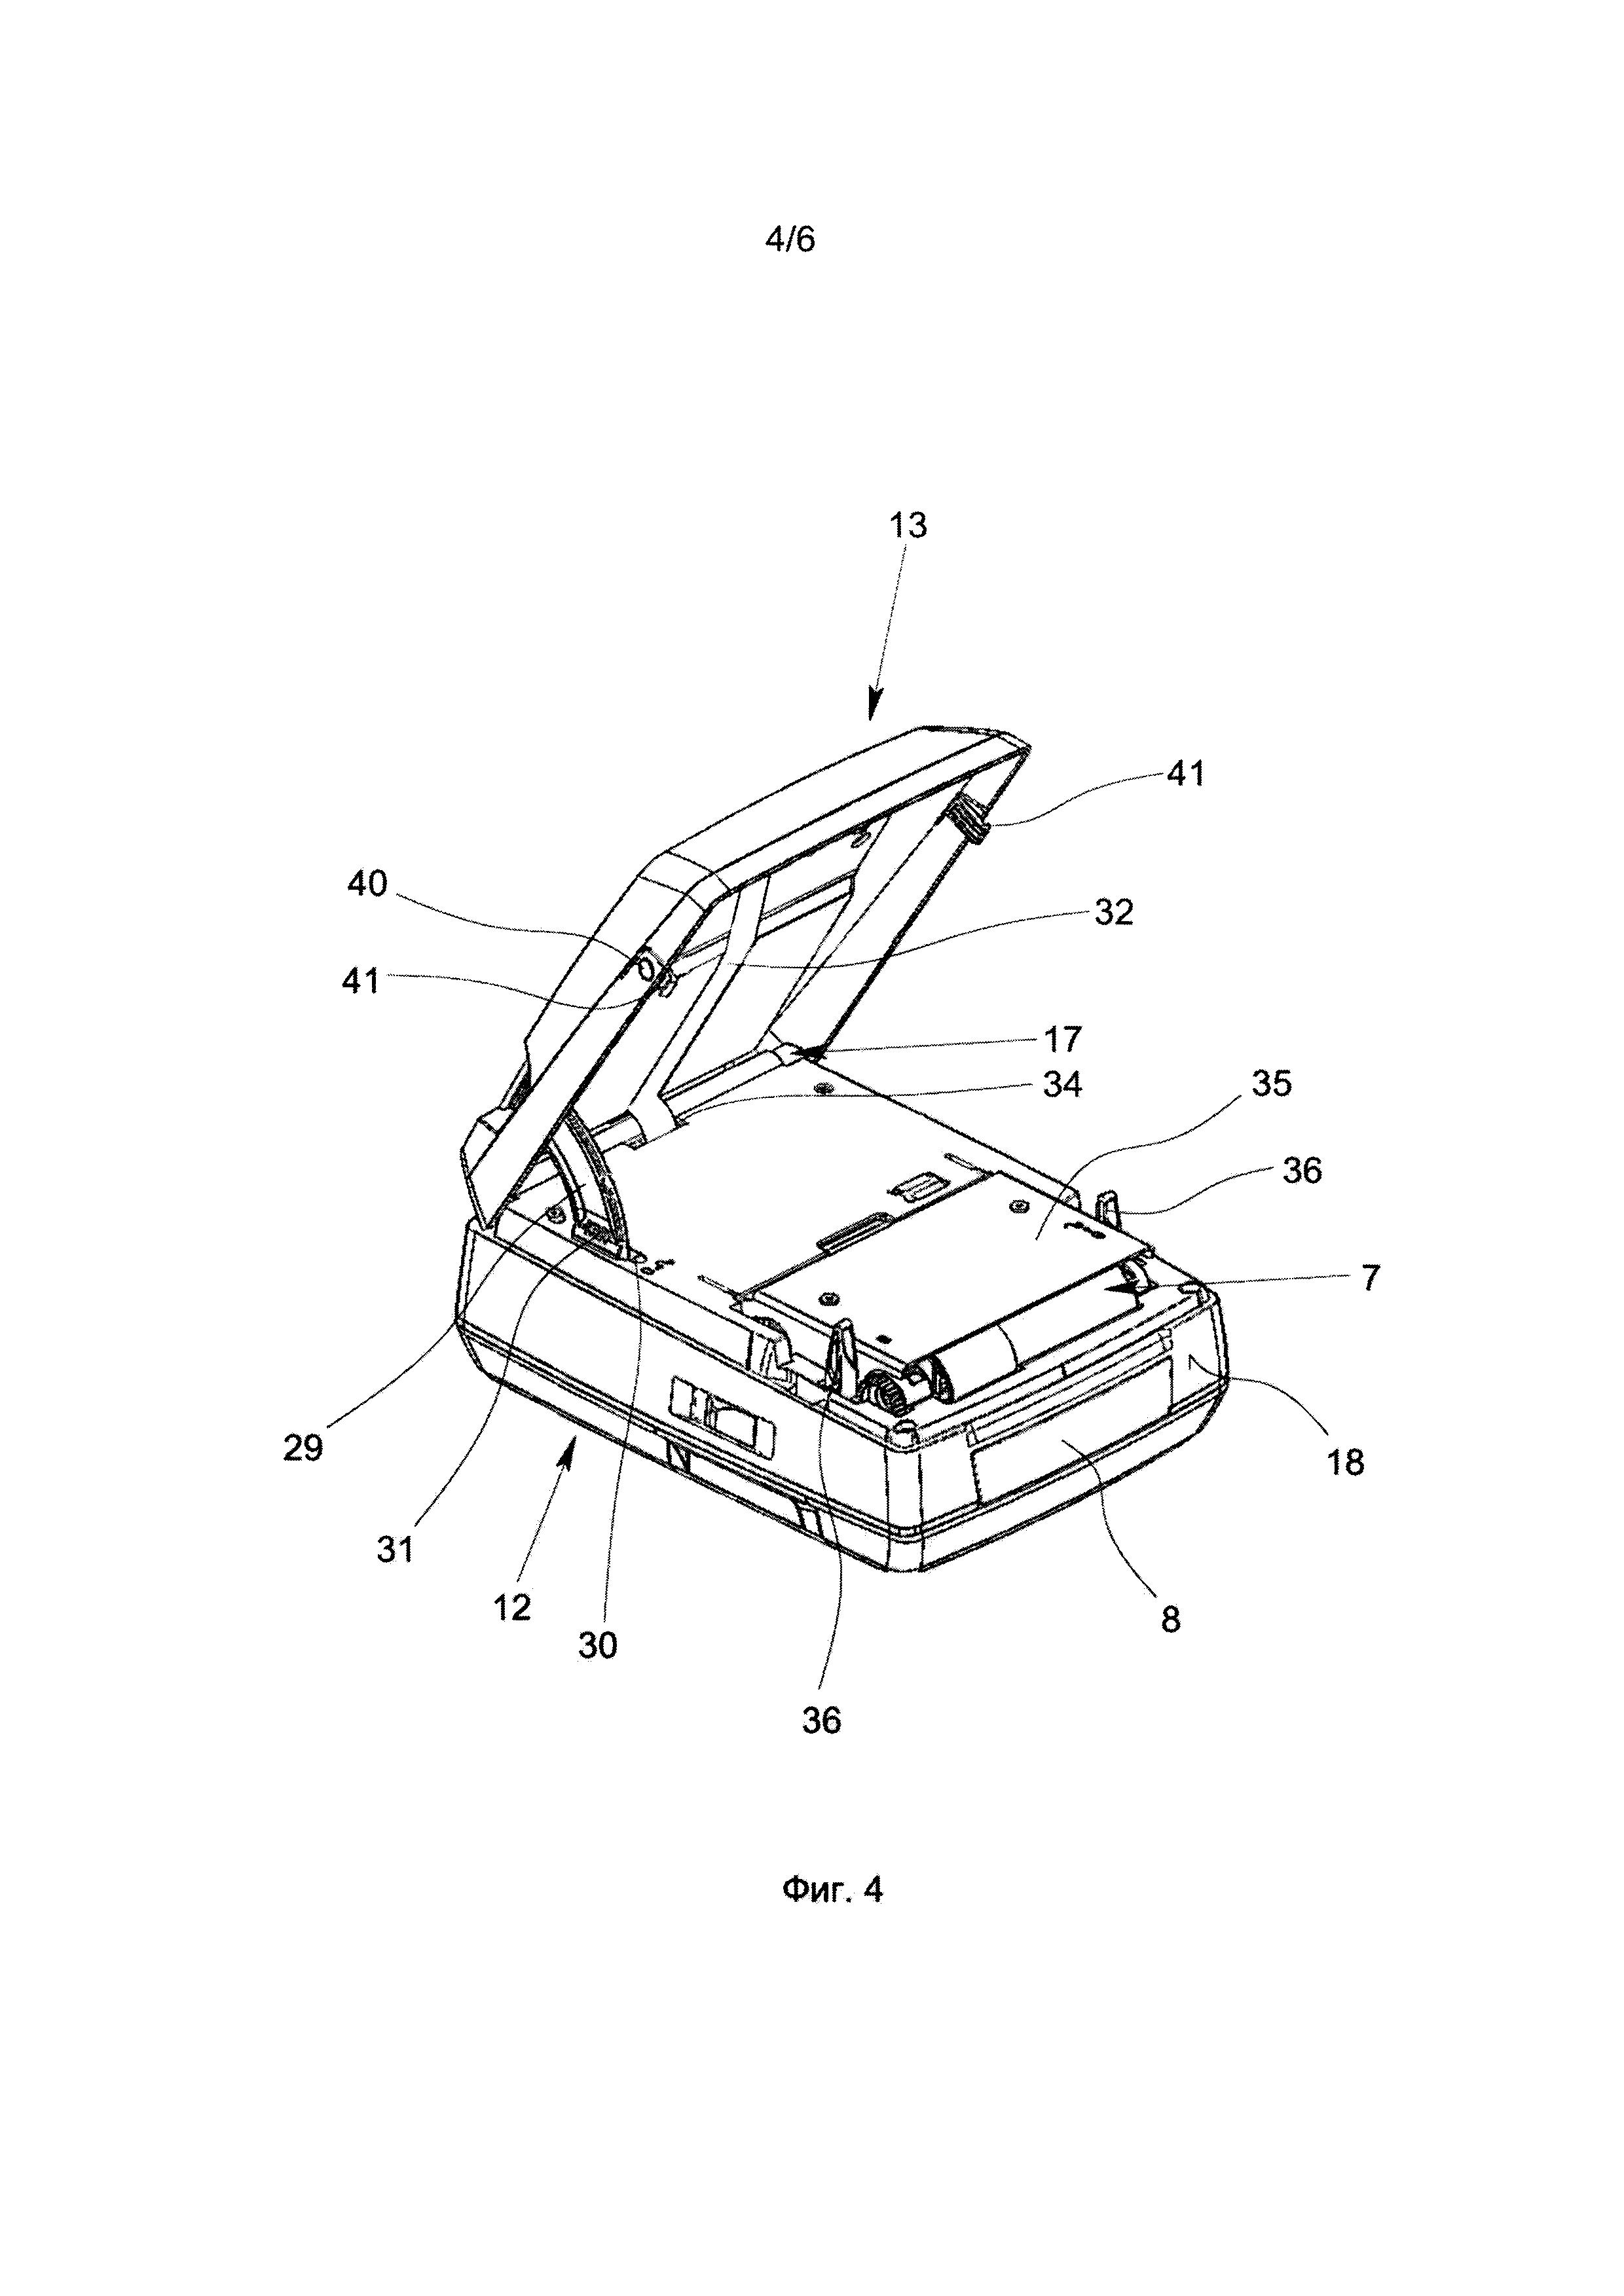 Печатное устройство для нанесения печати на объекты нанесения печати